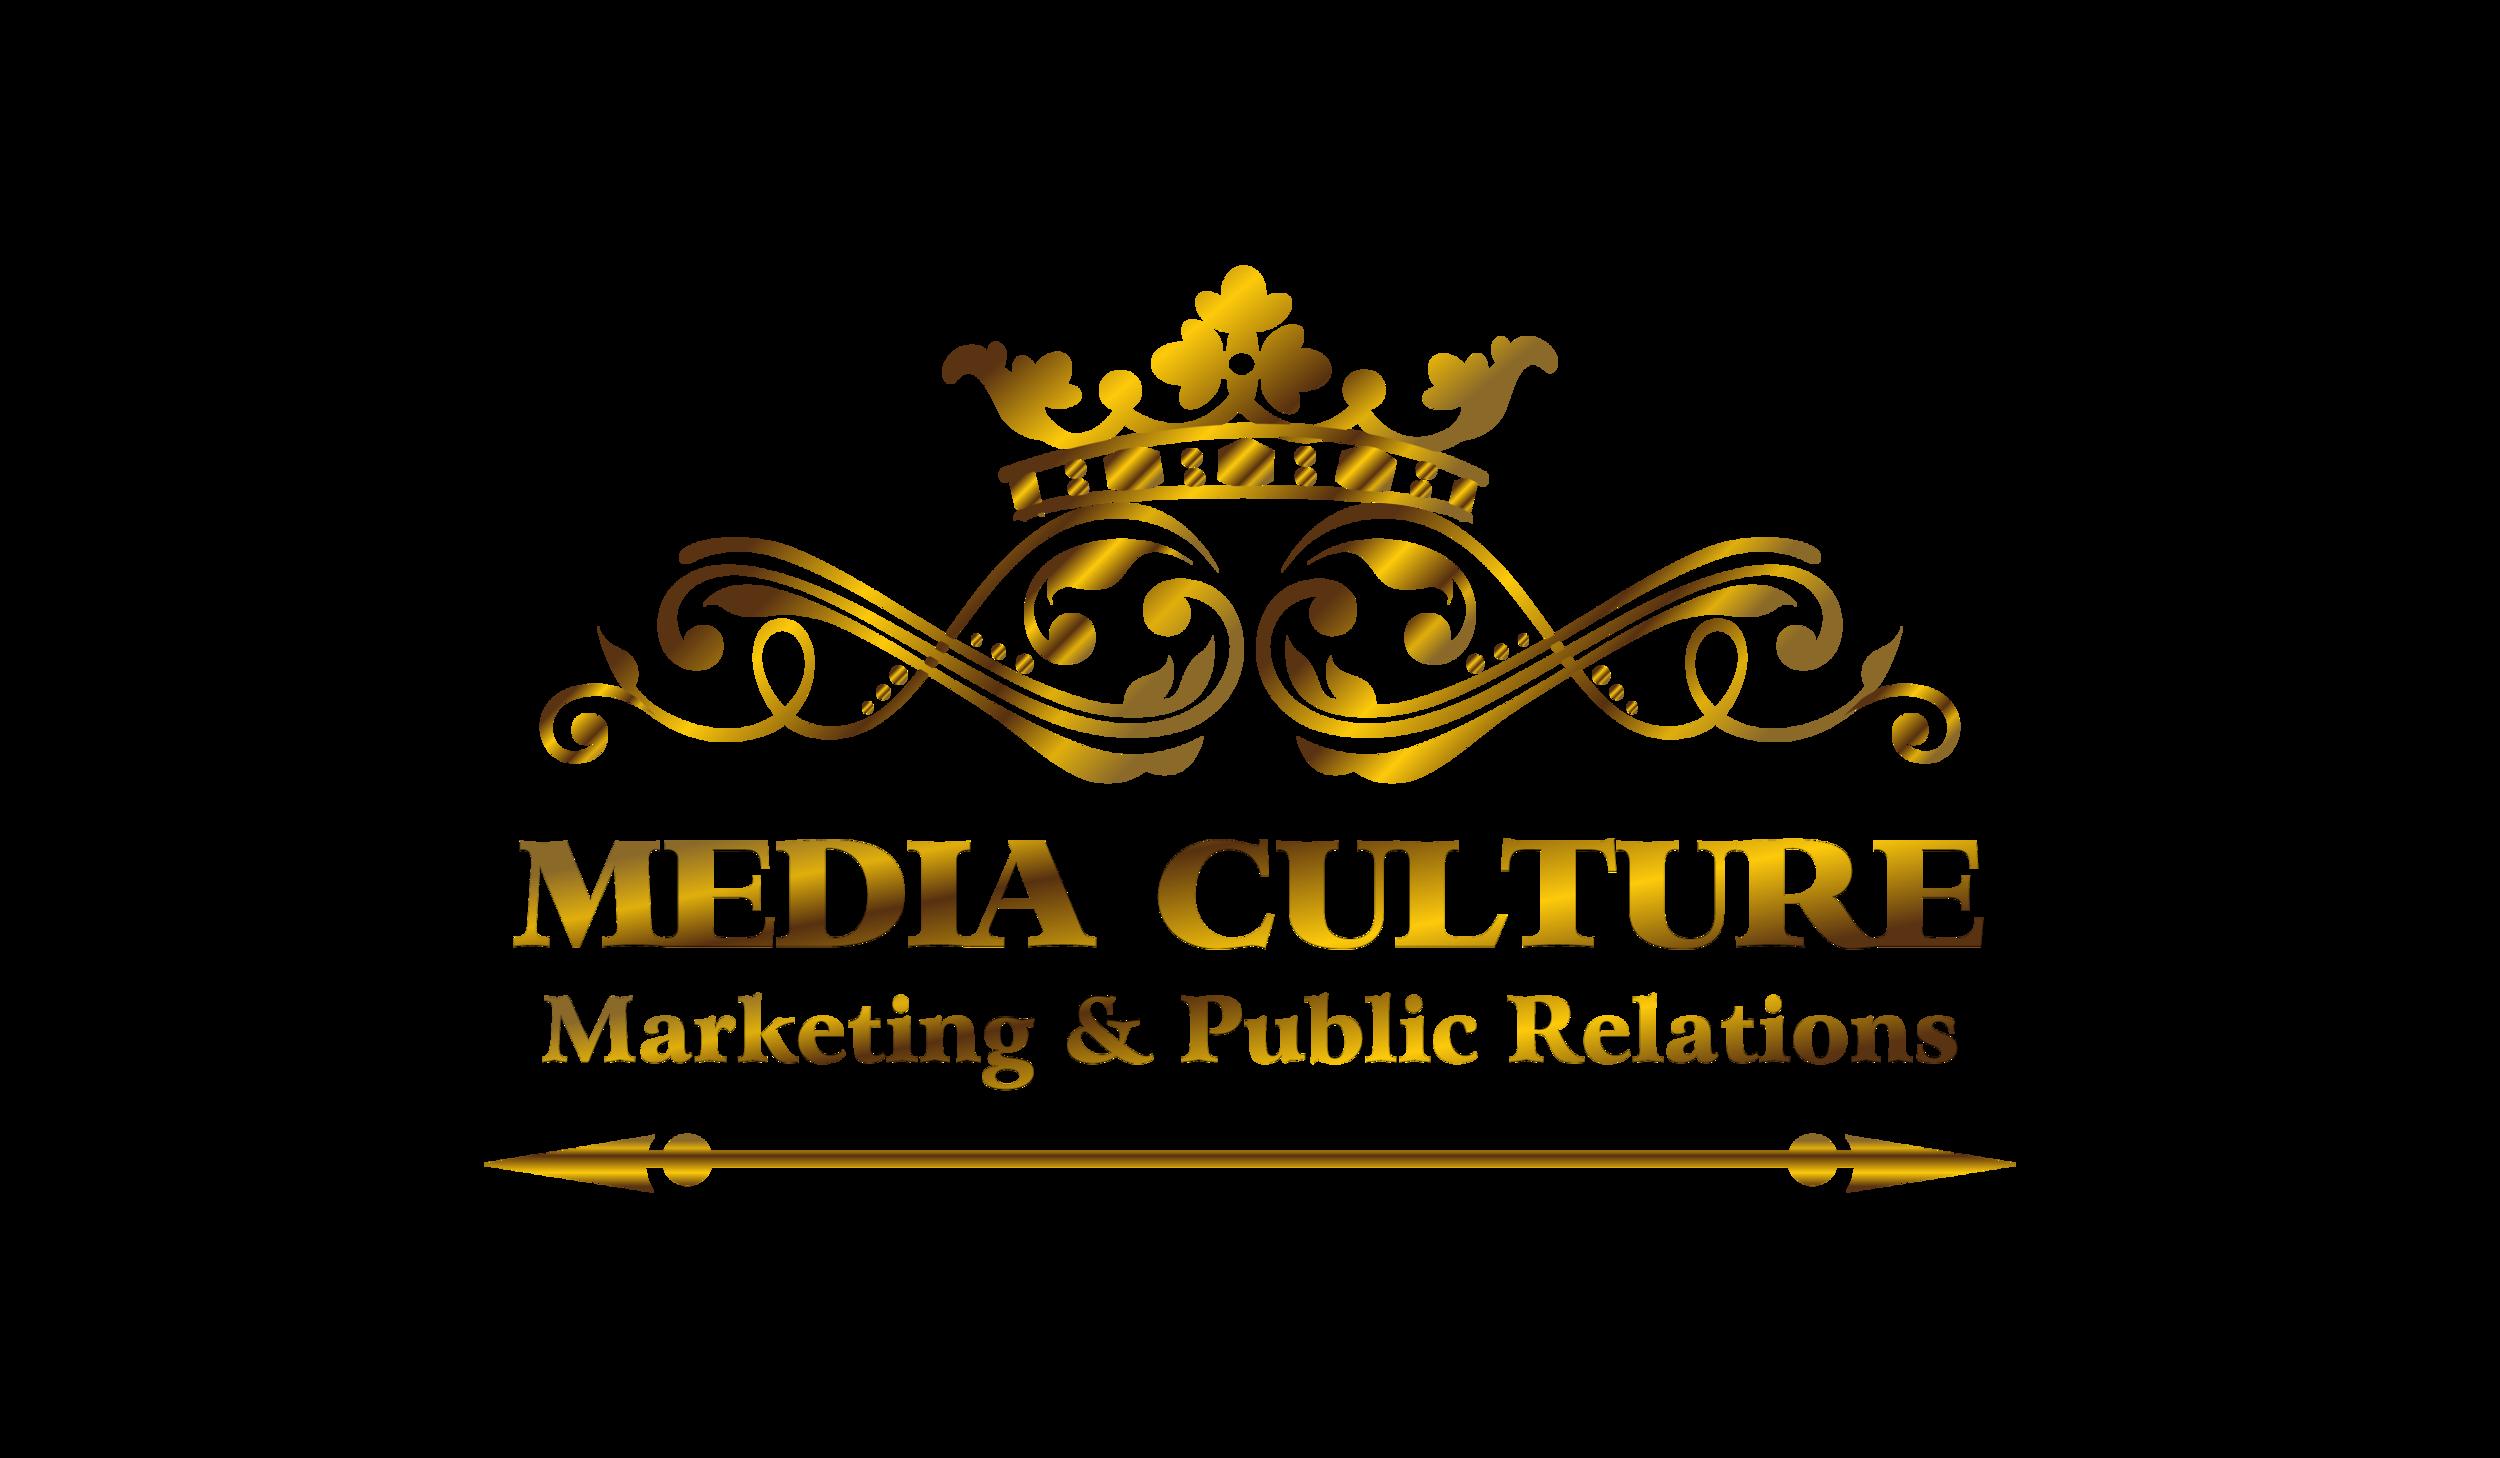 Media_Culture_Marketing___Public_Relations01 (4).png